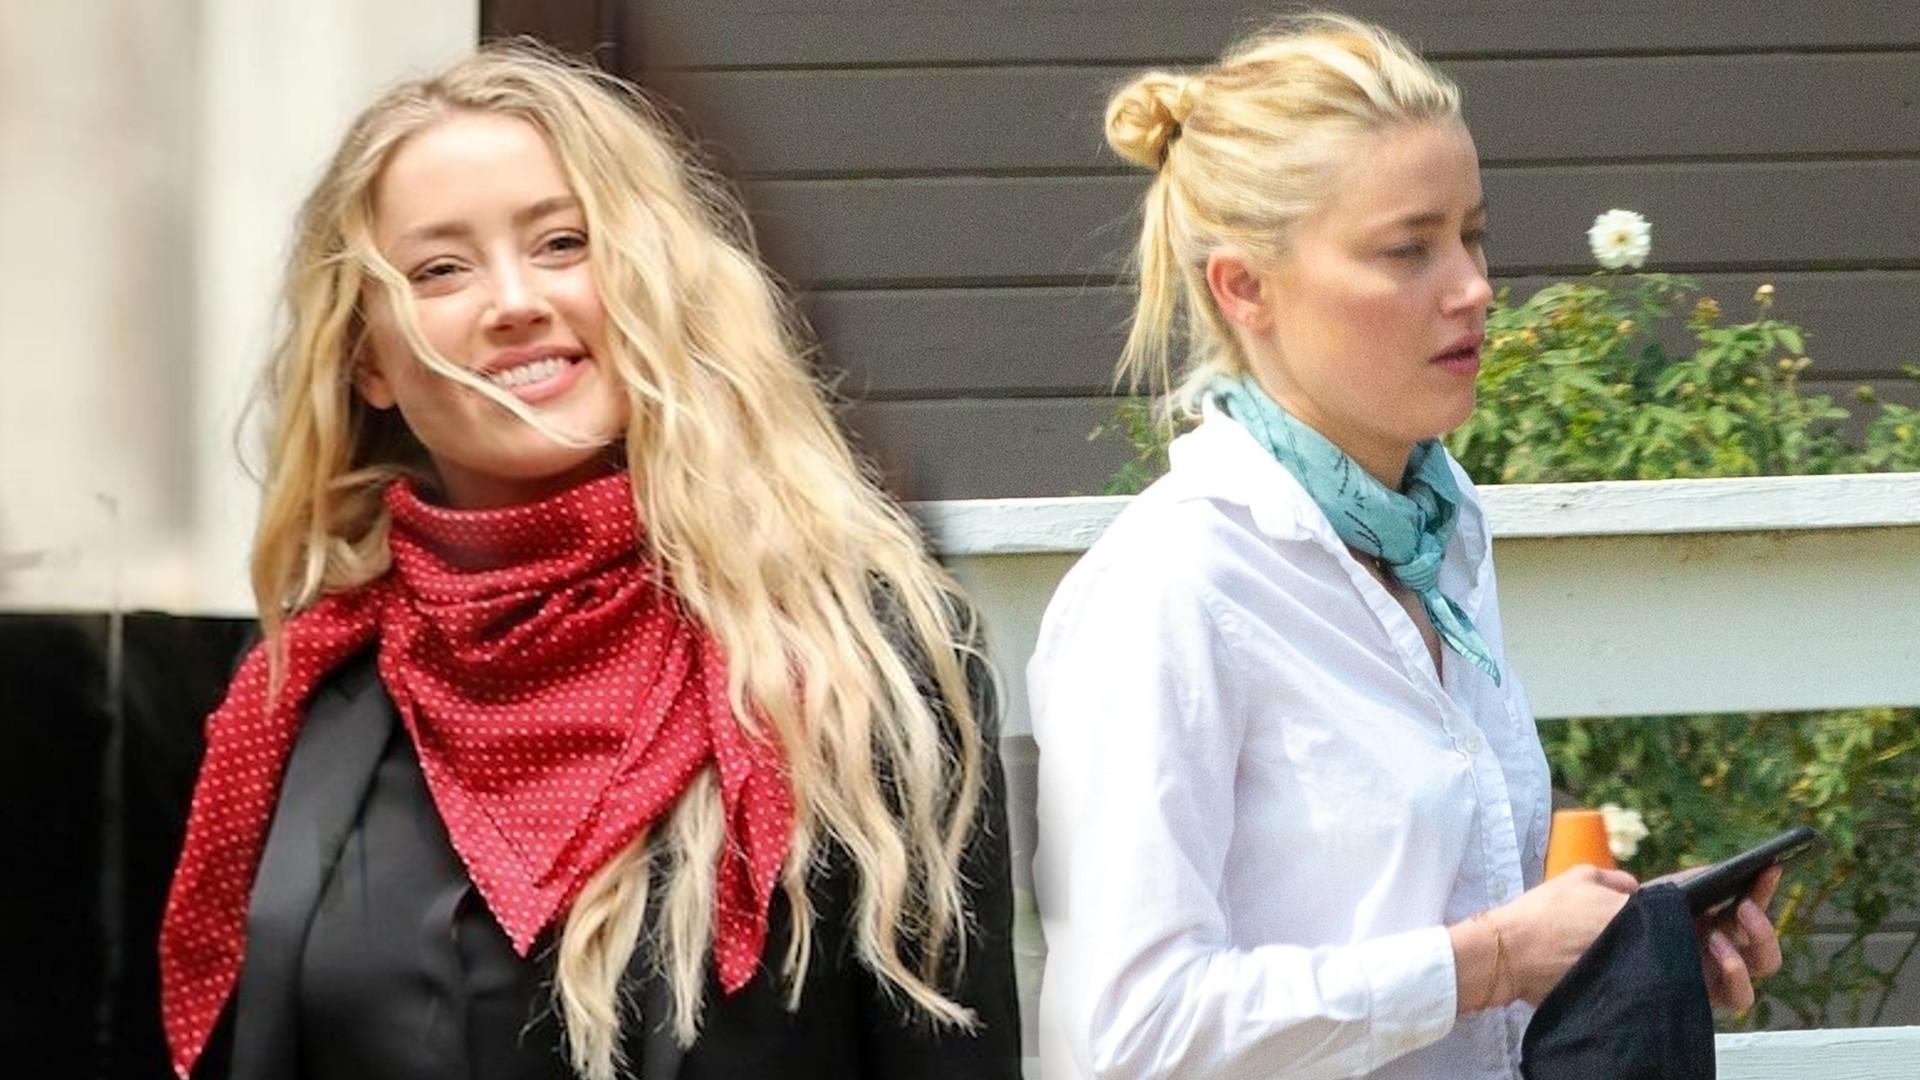 Amber Heard po burzliwym rozwodzie relaksuje się jazdą konną (FOTO)